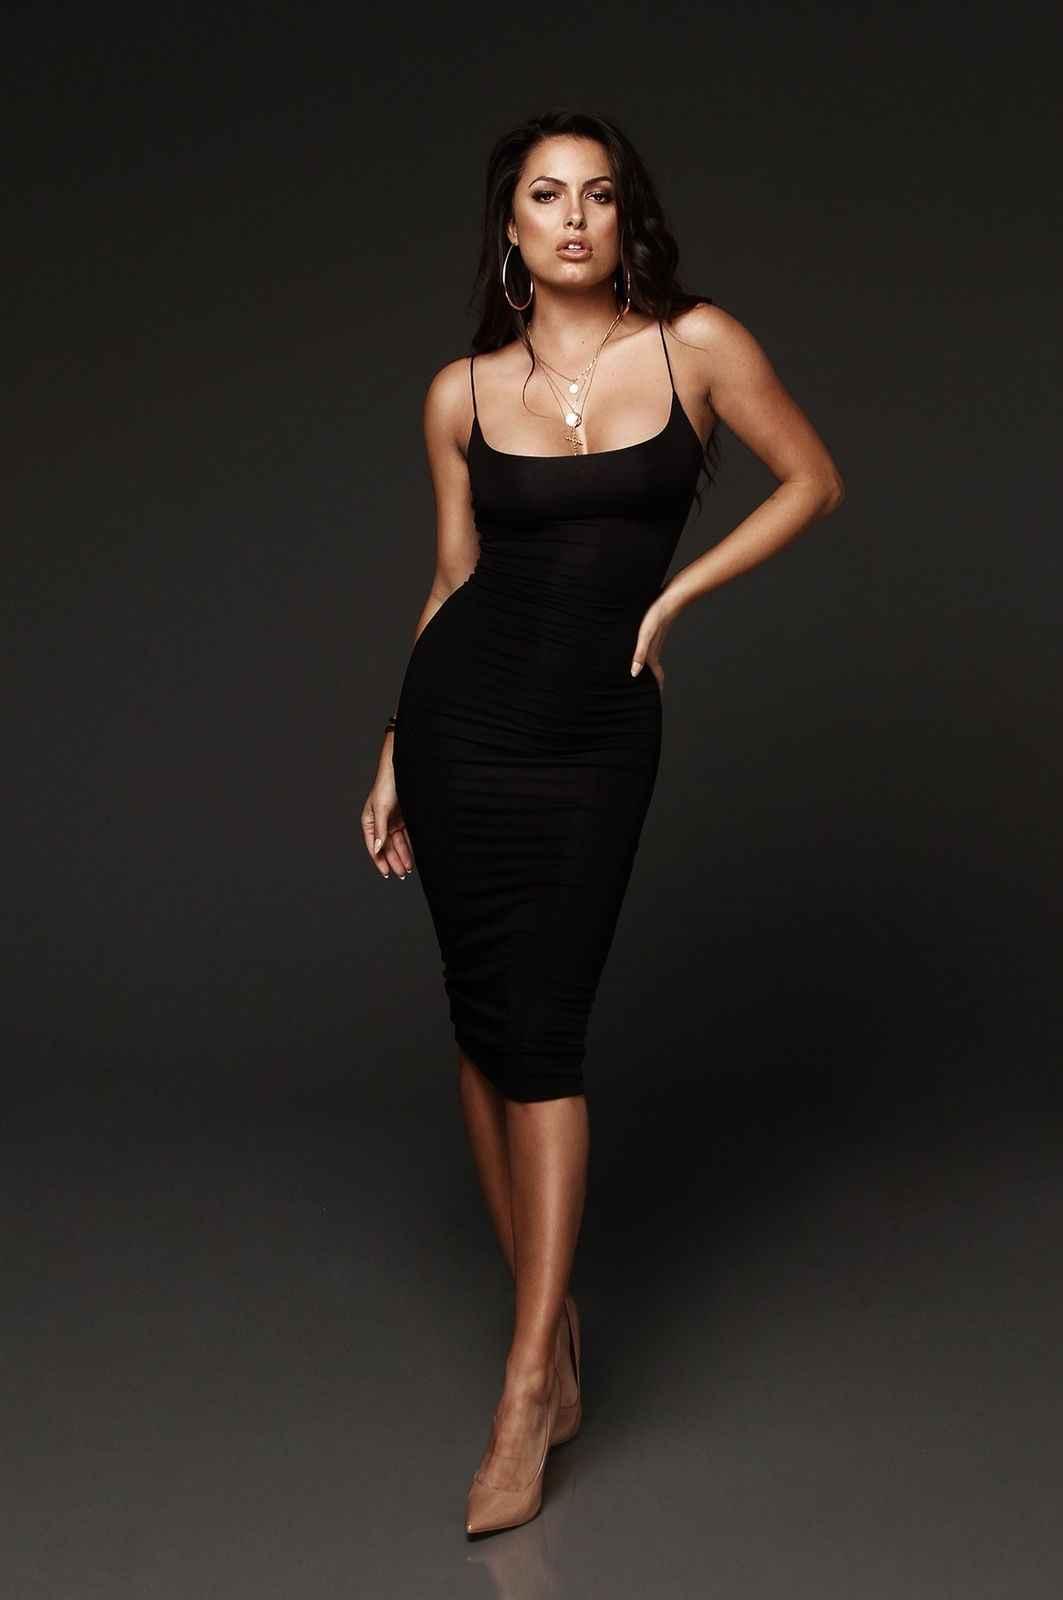 Nữ Hot New Nữ Băng Váy Gợi Cảm Bodycon Áo Top Không Tay Chắc Chắn Ngang Gối Dạ Hội Câu Lạc Bộ Midi đầm